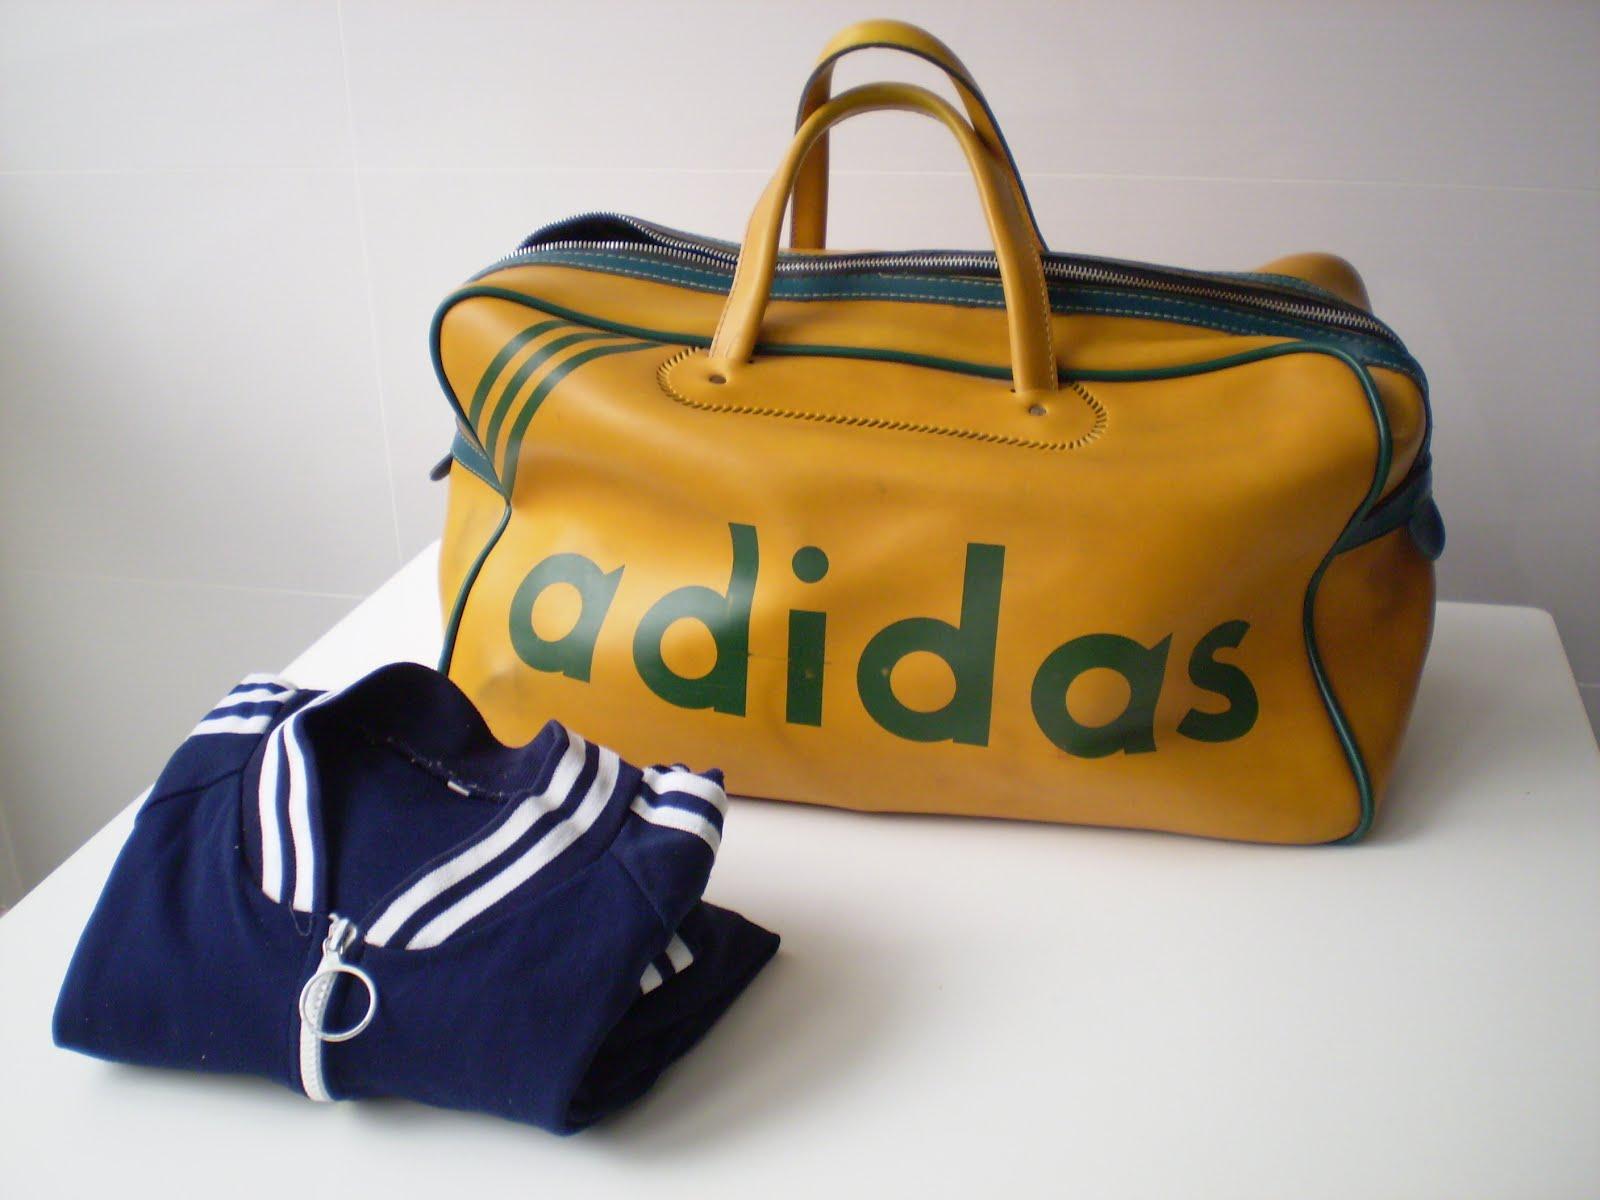 Adidas Deporte Bolsa Bolsa Retro Deporte BeWrdoCxQ